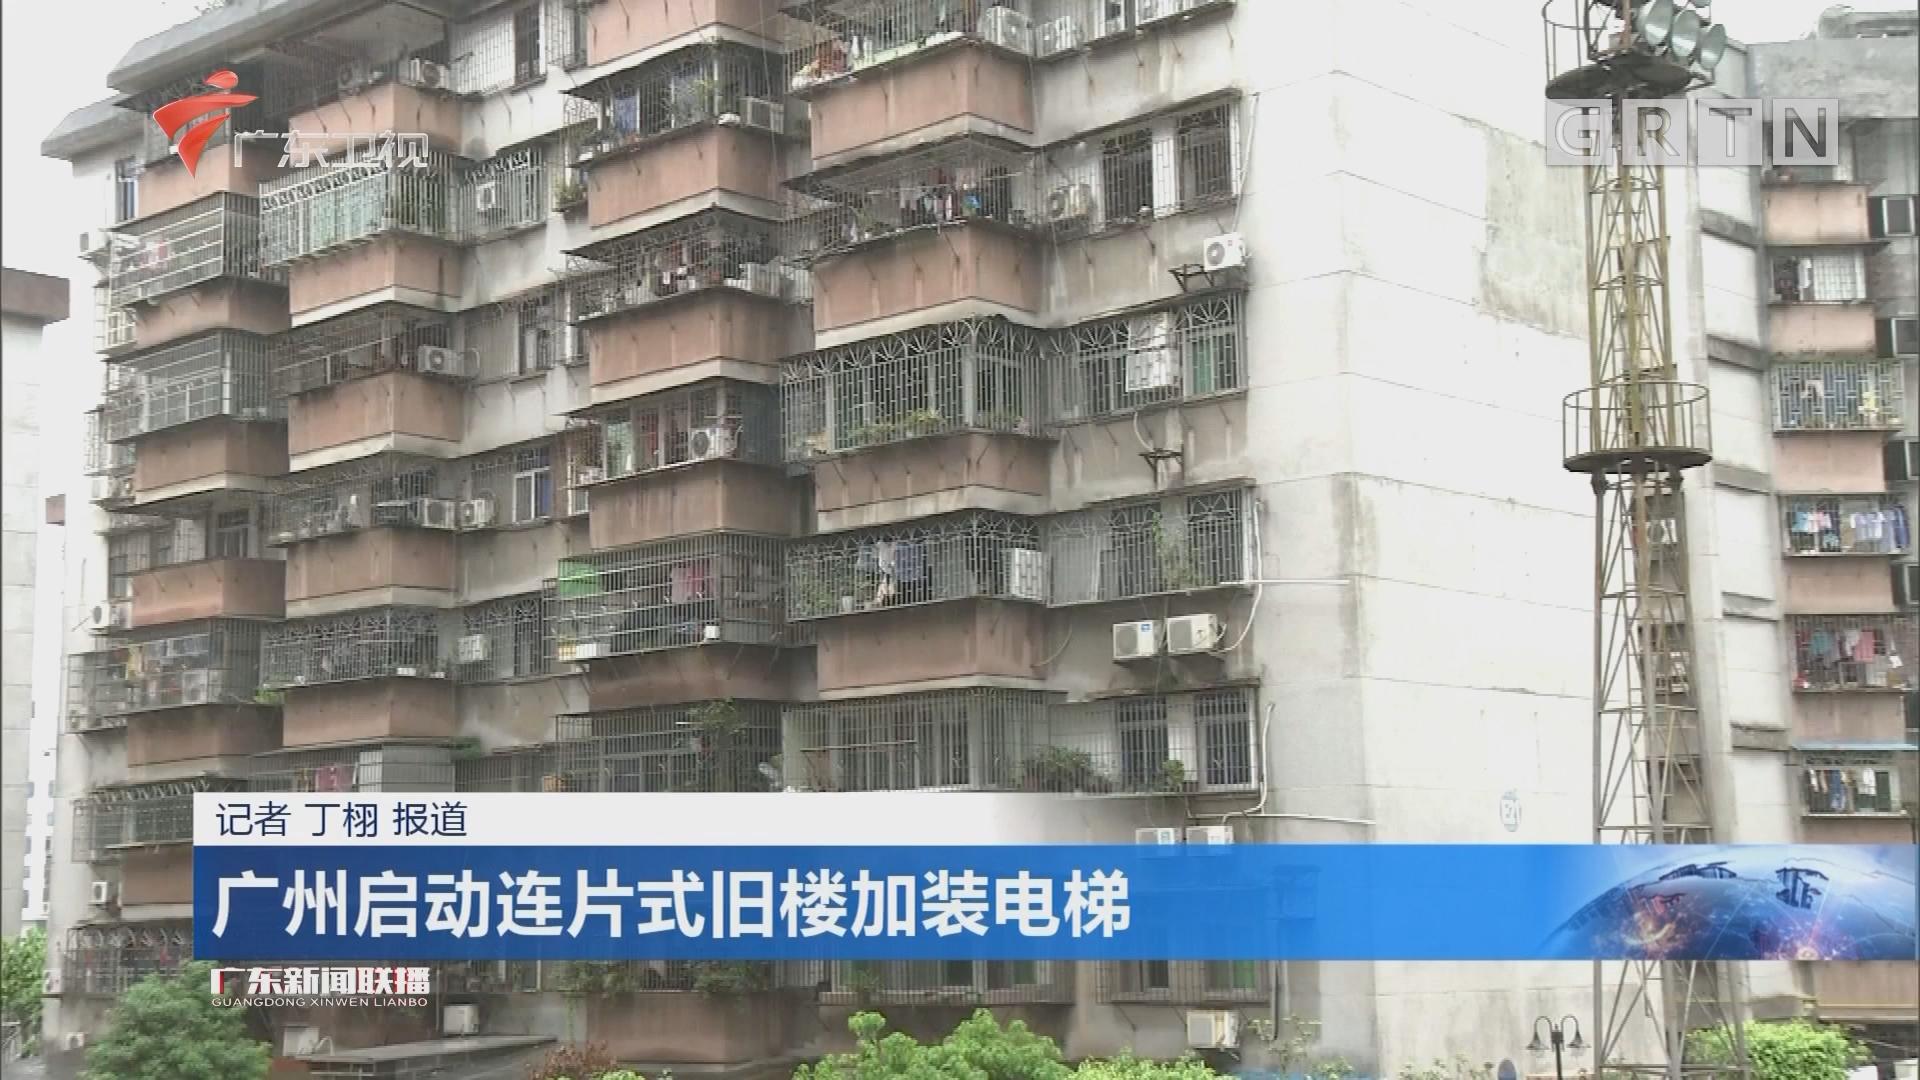 广州启动连片式旧楼加装电梯